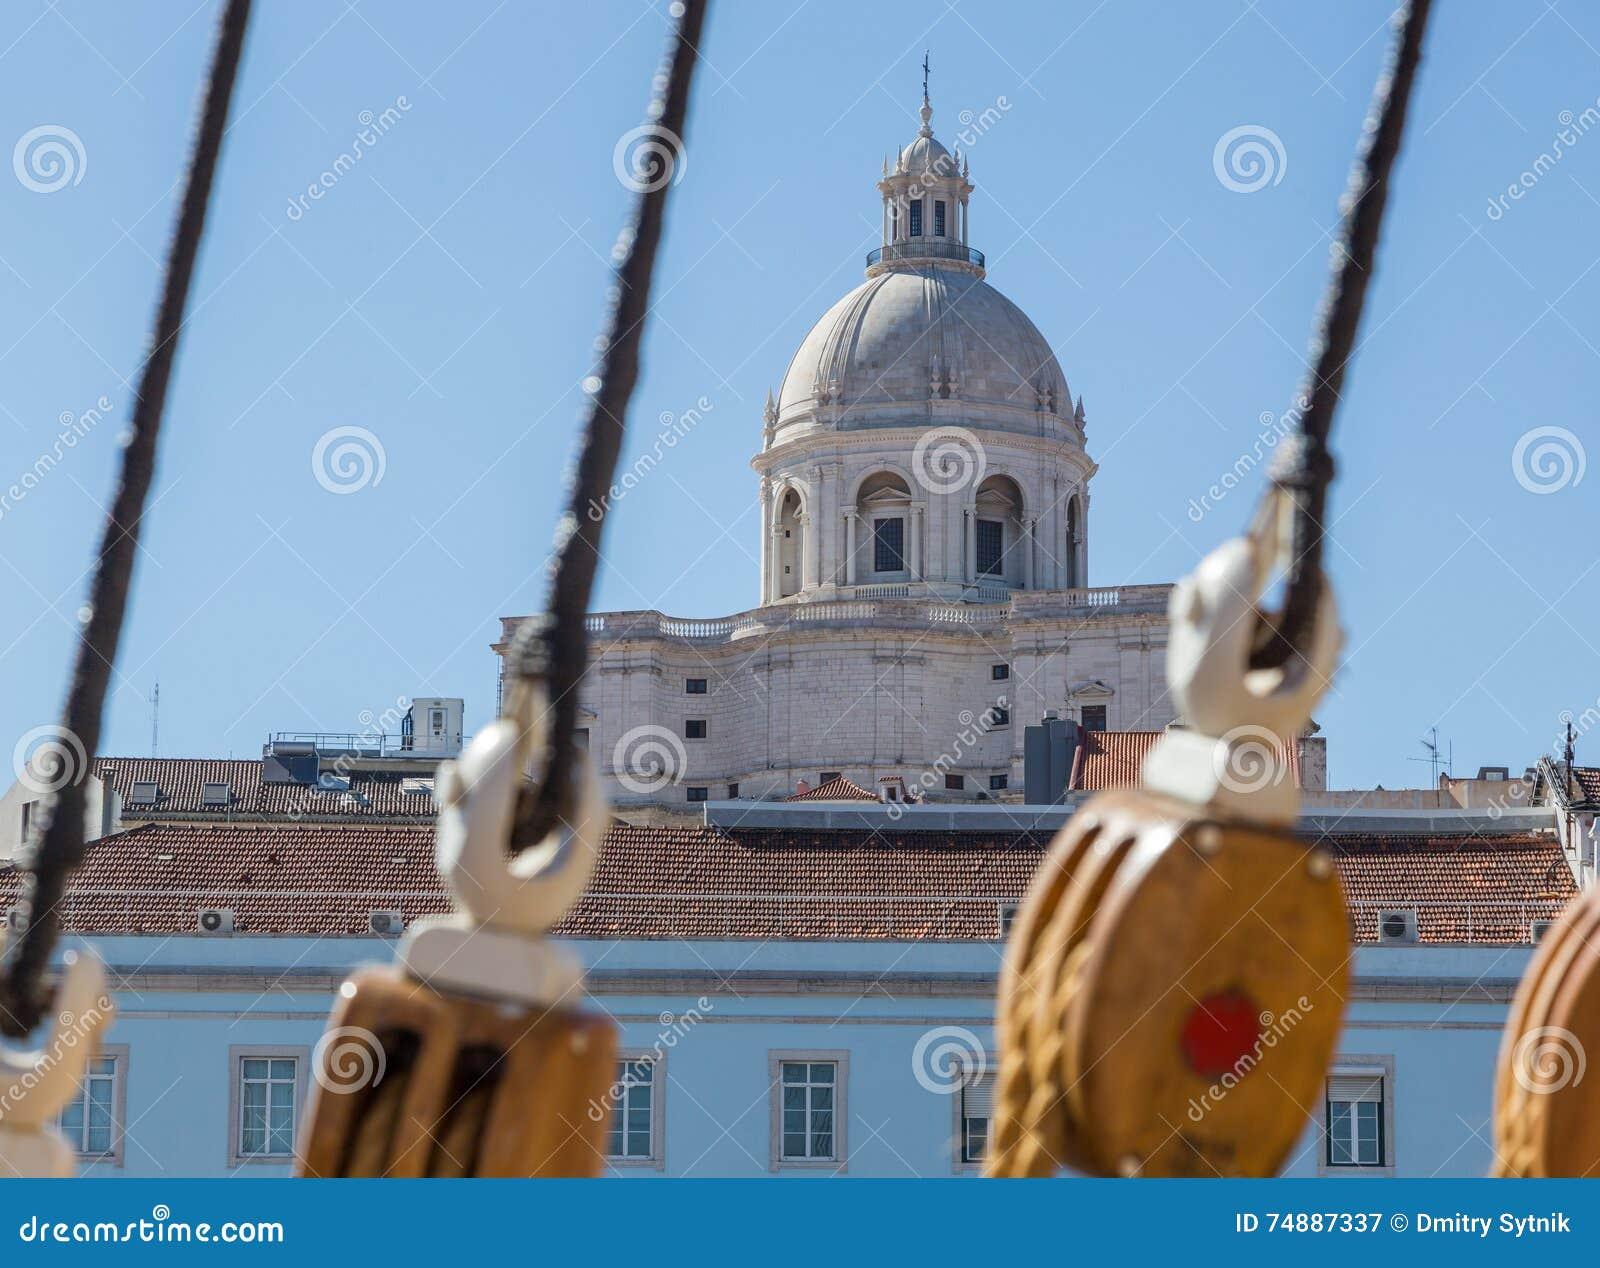 Olhe do navio de navigação na igreja